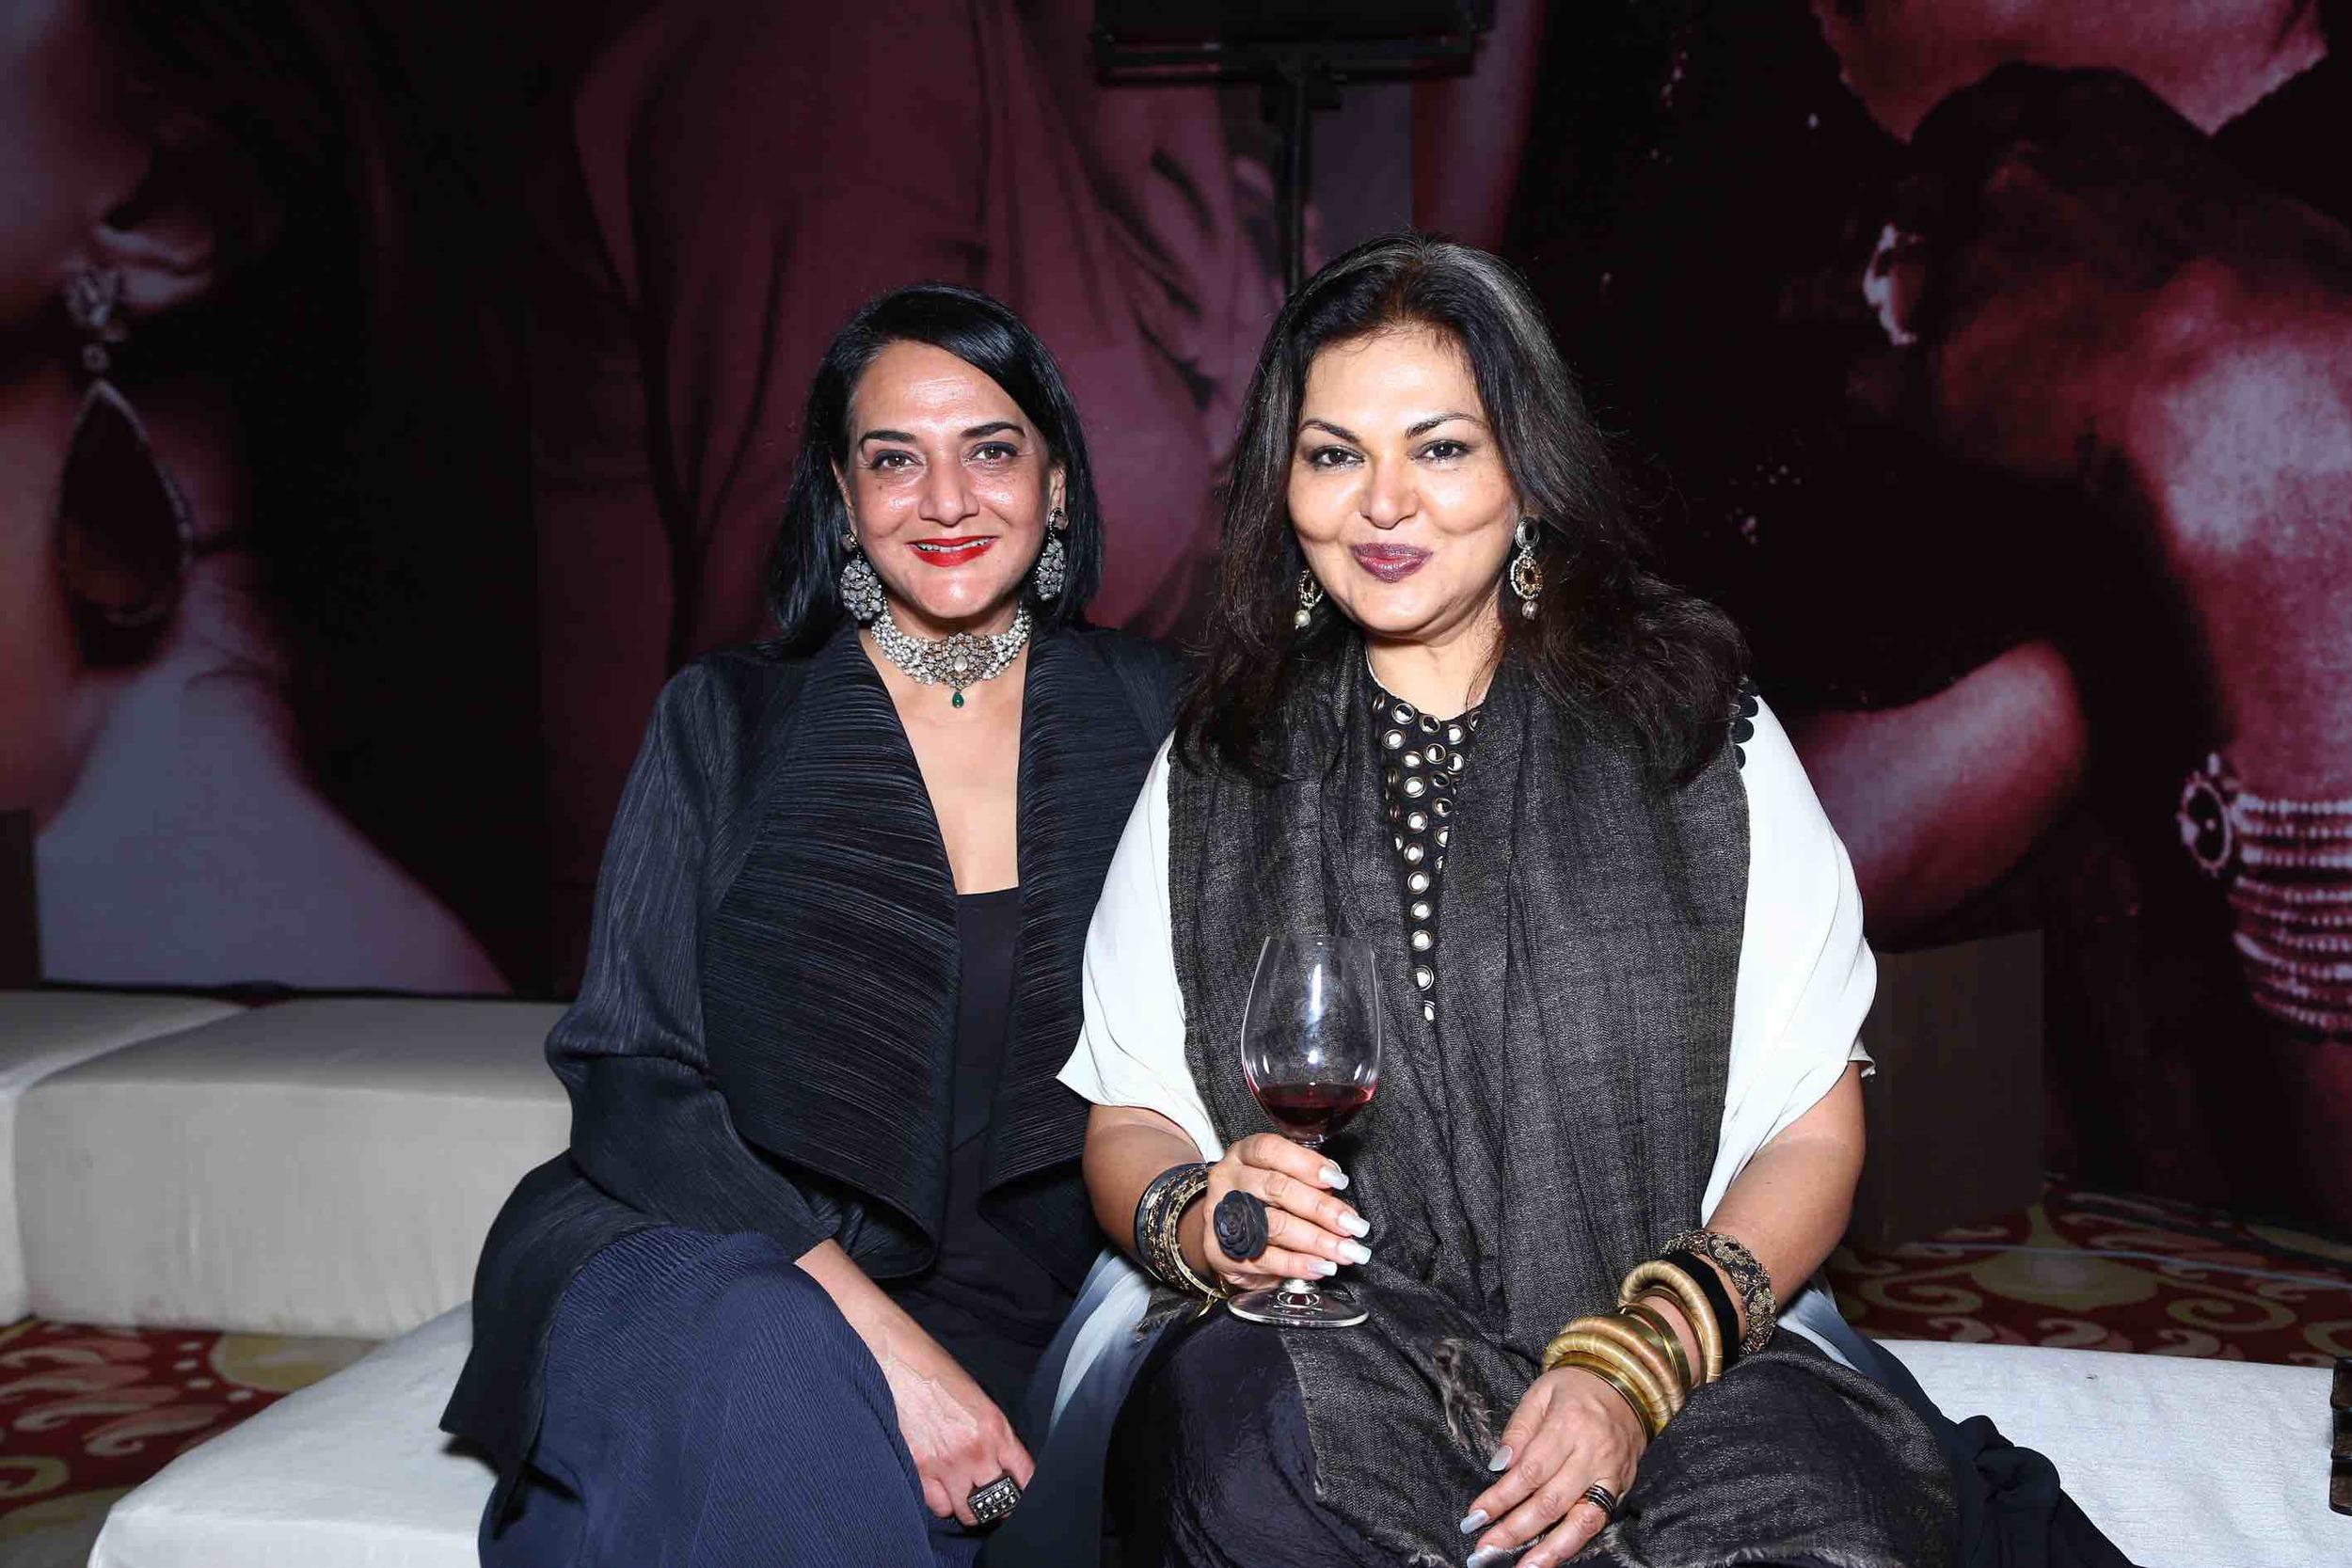 Poonam Bhagat and Malavika Sangghvi